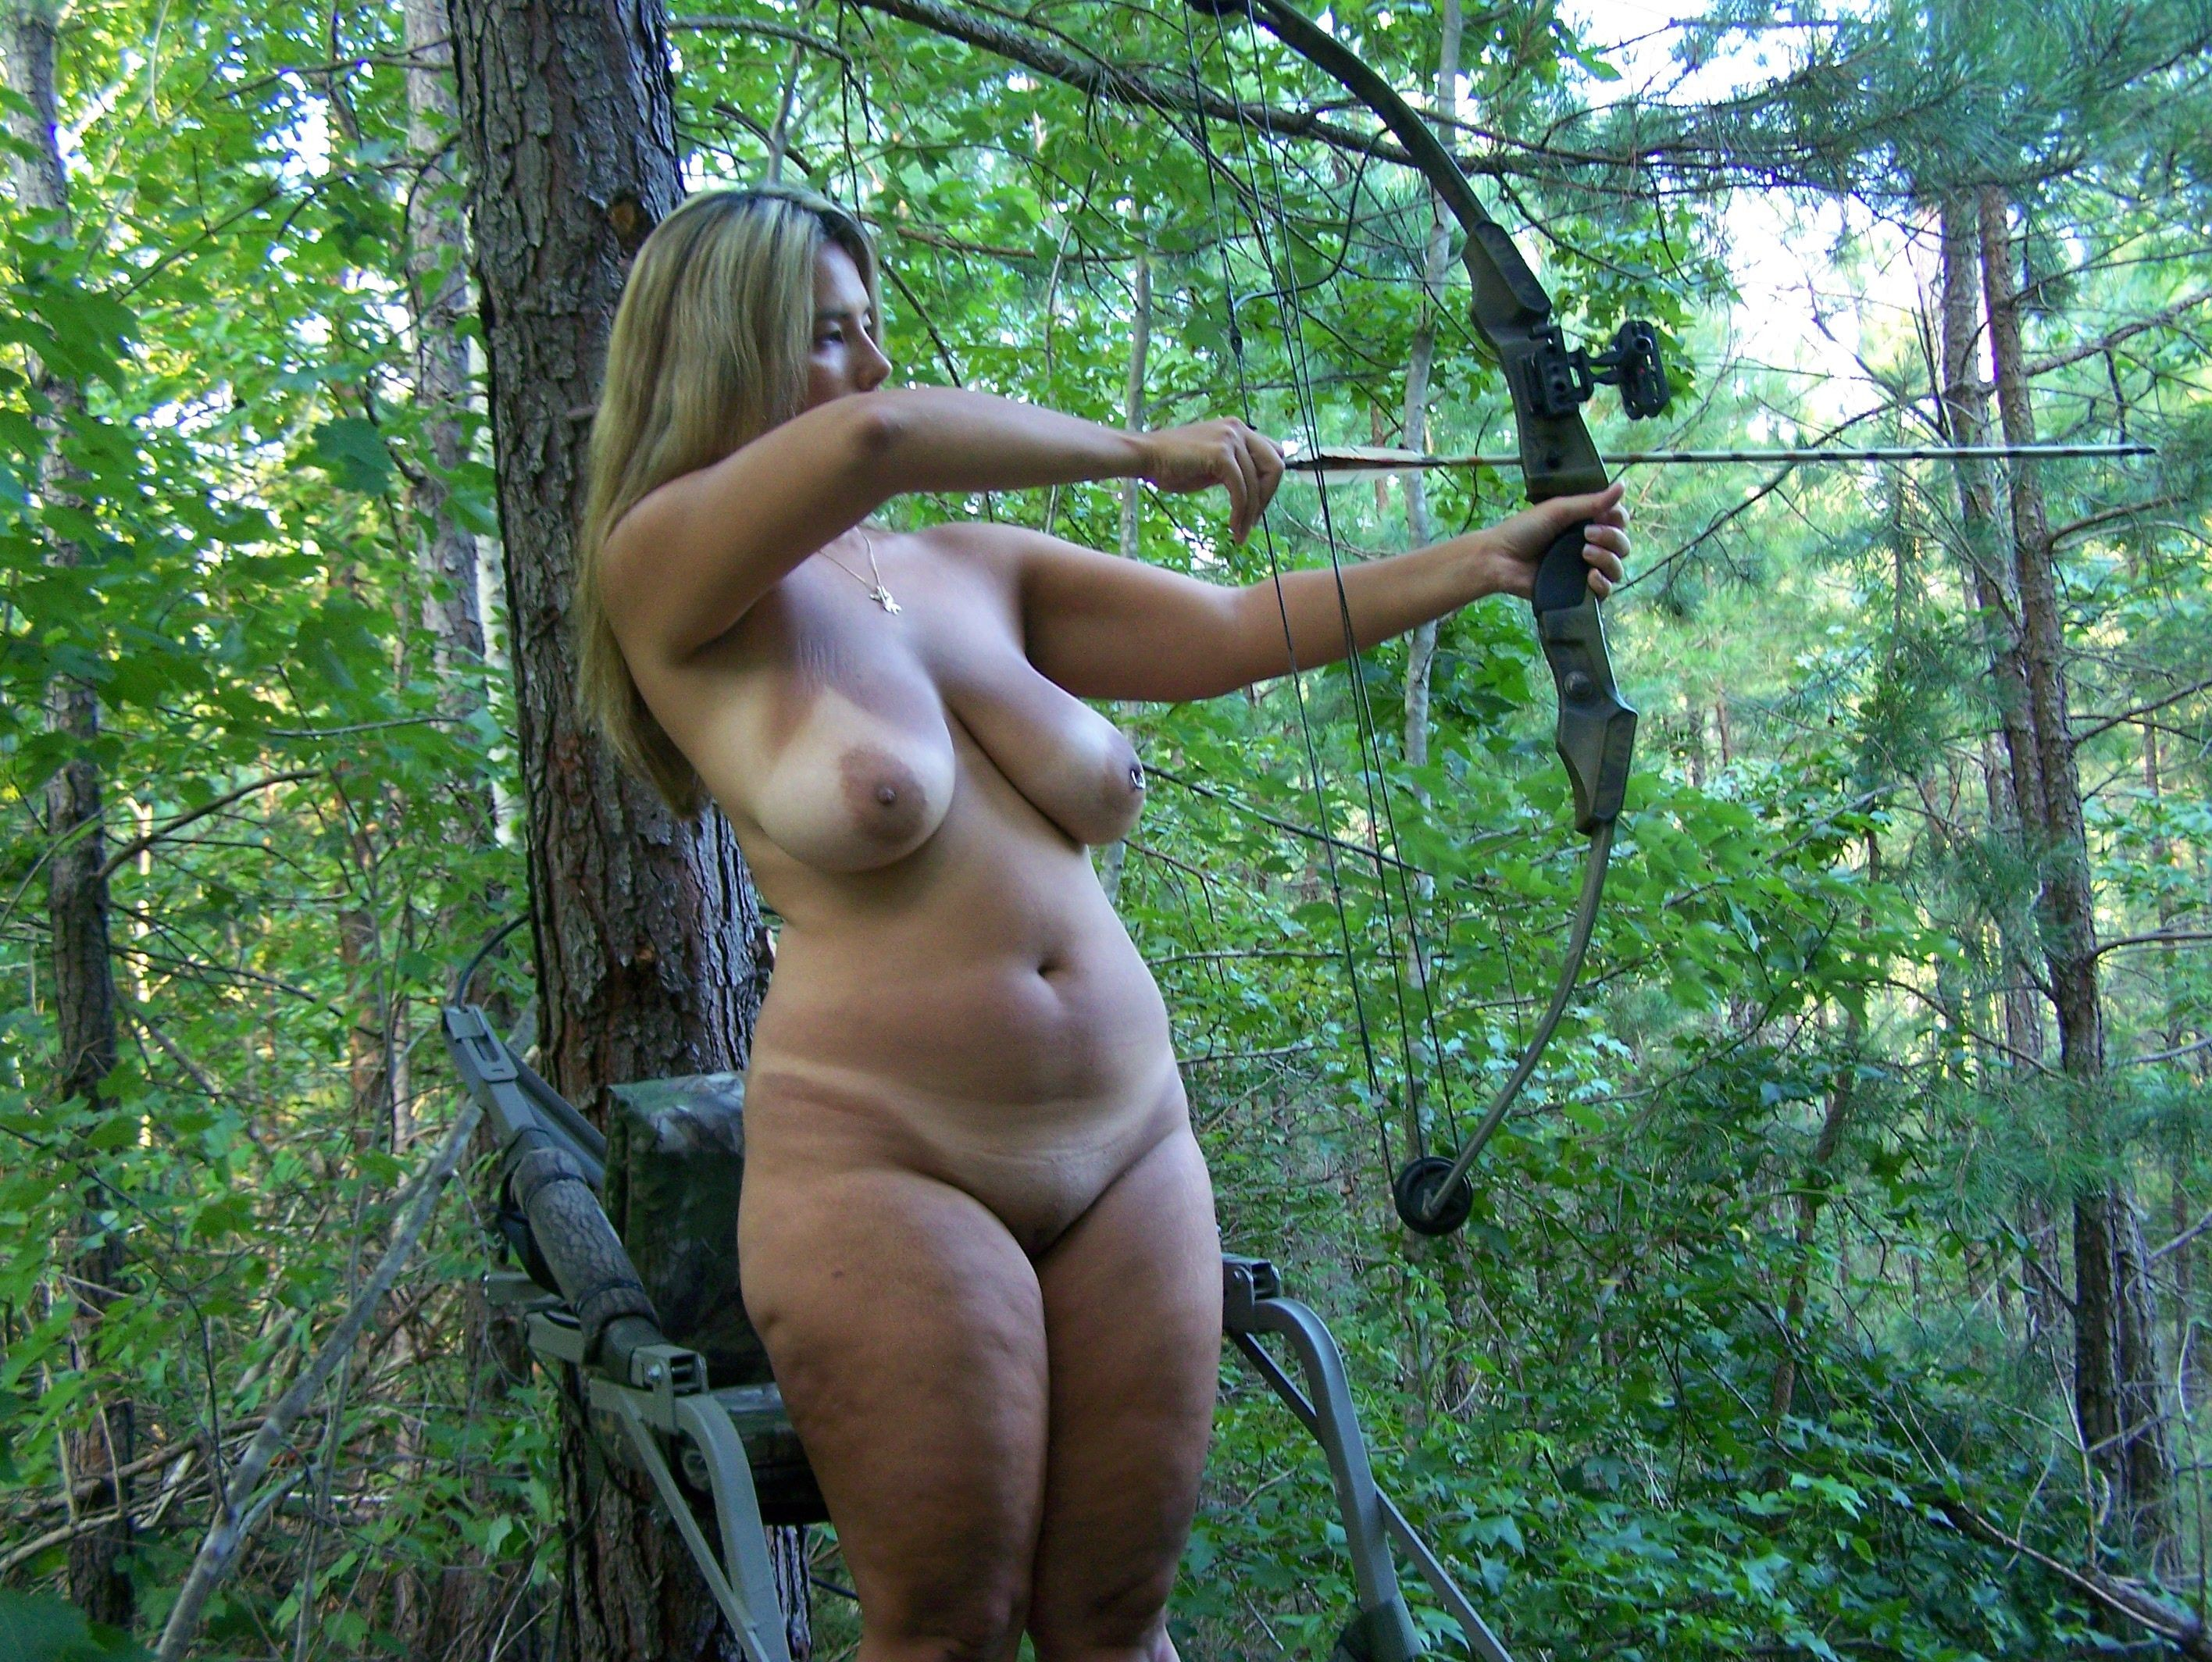 White lady nude amazon #2